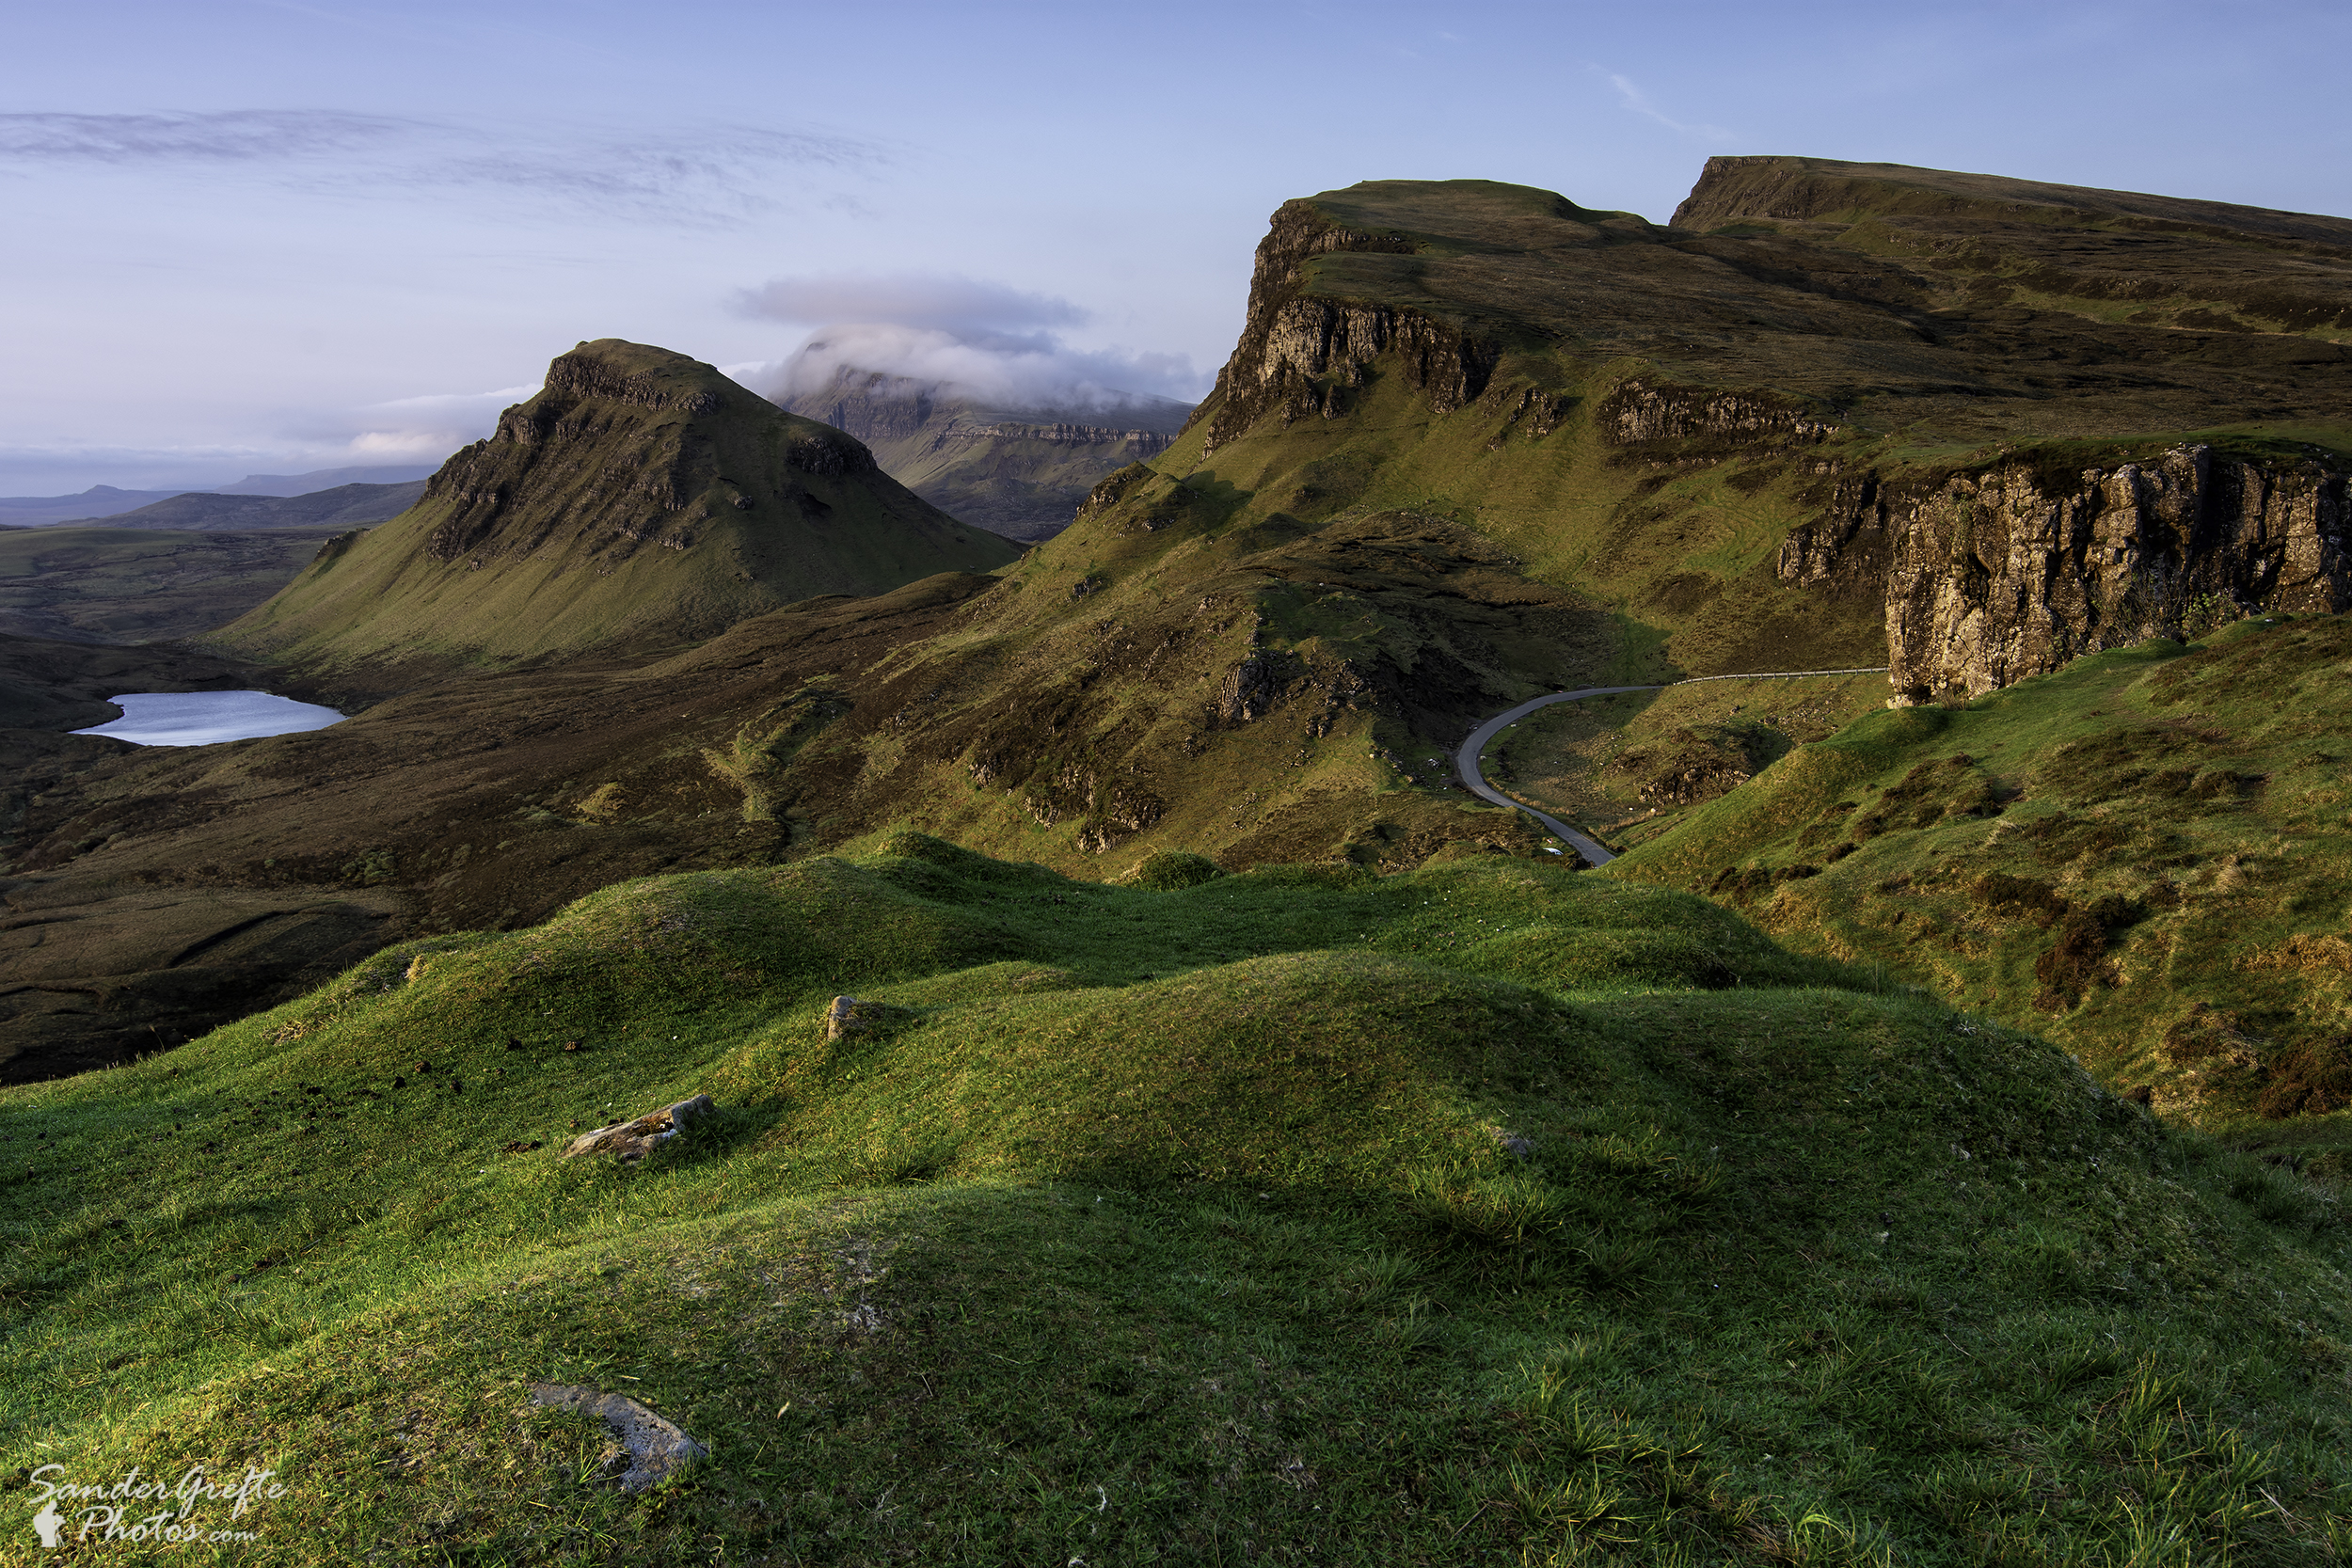 Mooi ochtendlicht op de heuvels van Quiraing (Nikon D7200, 24mm, iso 100, f11, 0,4s)